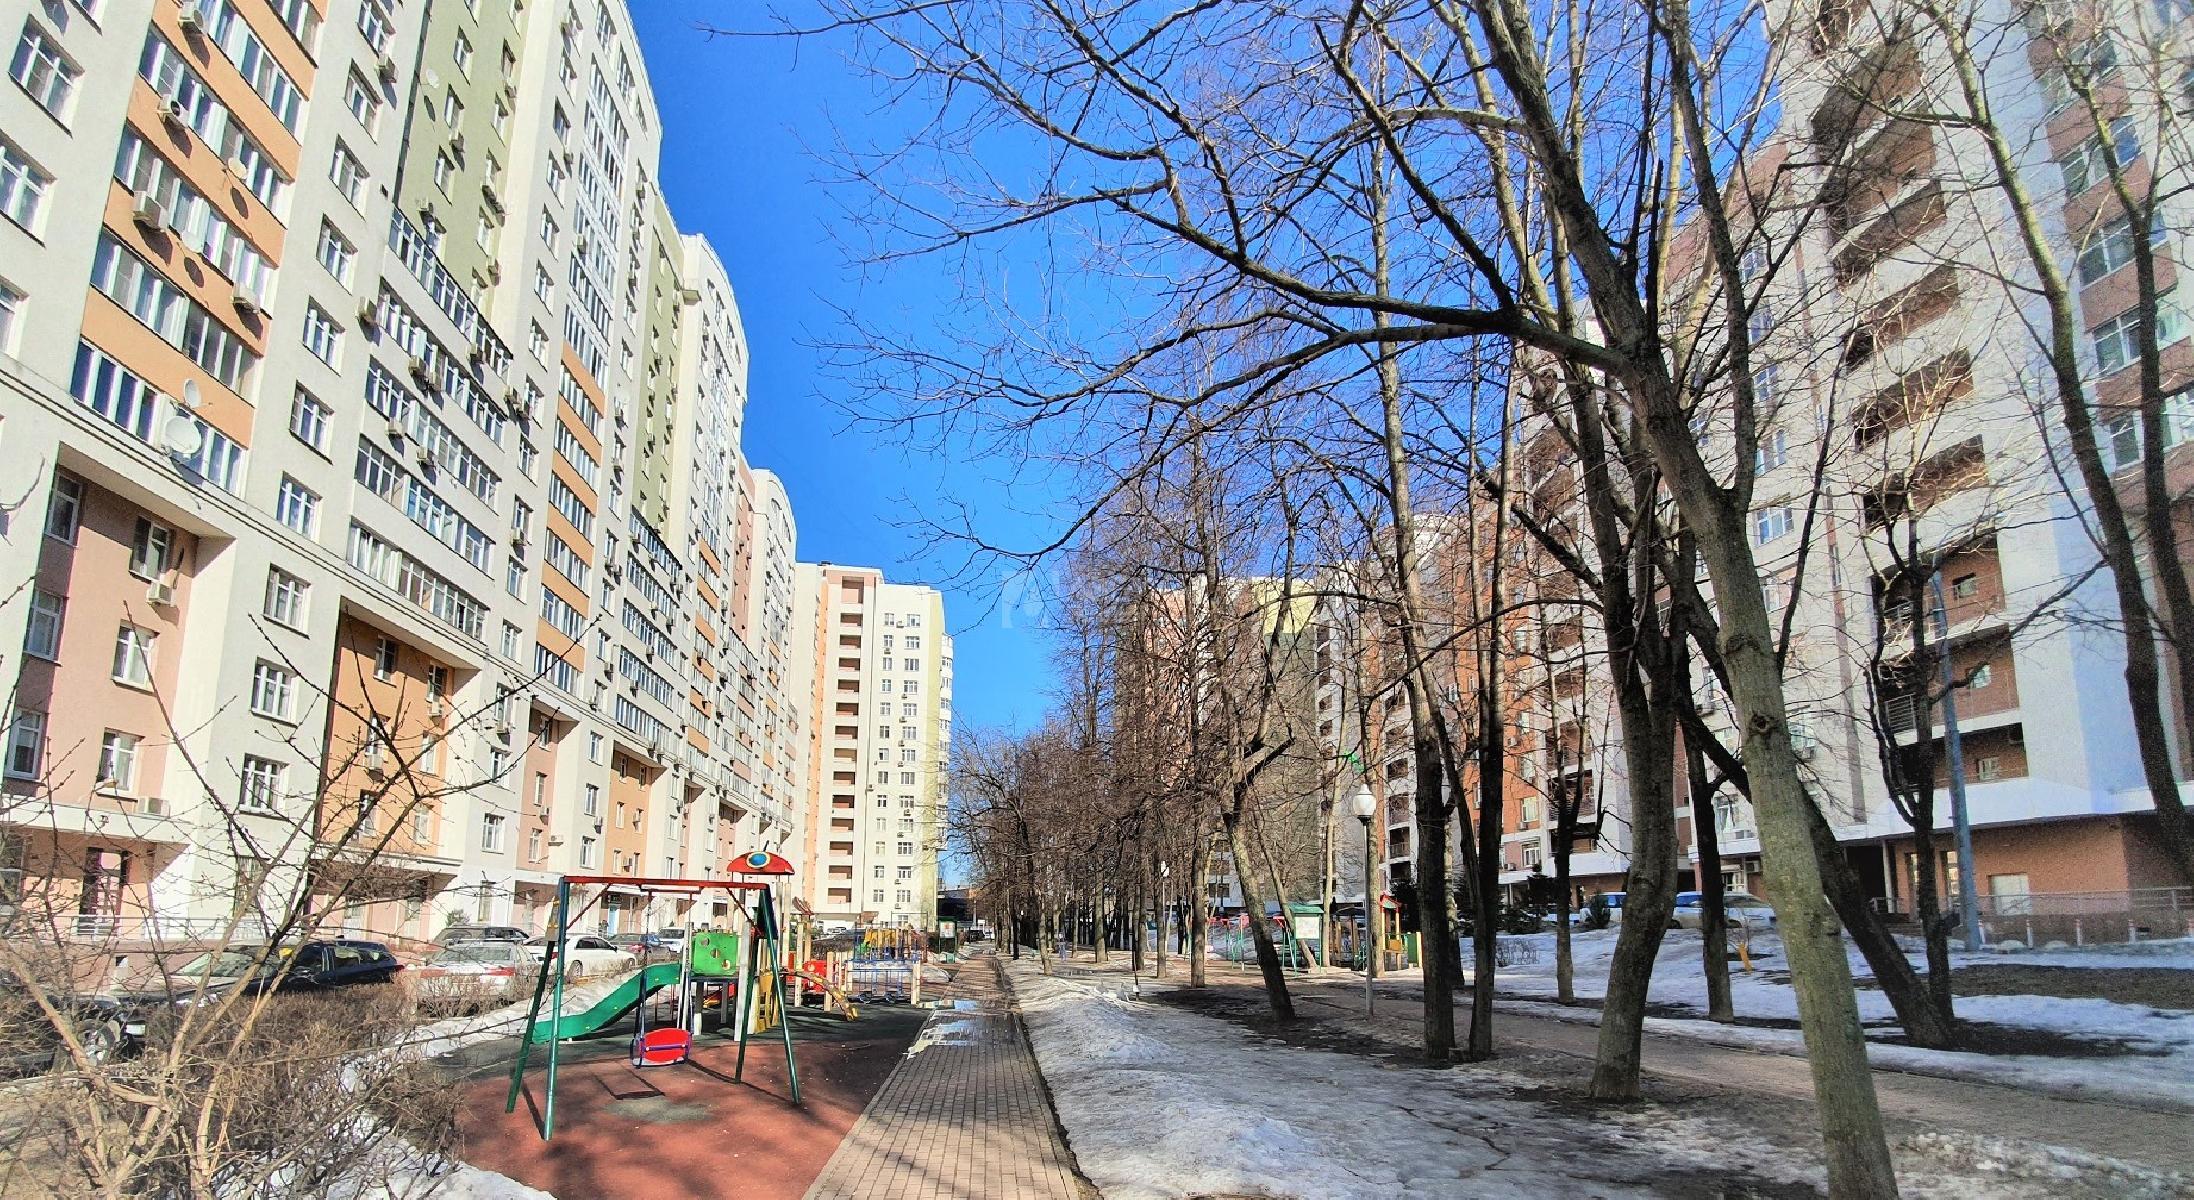 Фото №2 - 4-комнатная квартира, Москва, Авиаконструктора Микояна улица 14 корпус 2, метро ЦСКА